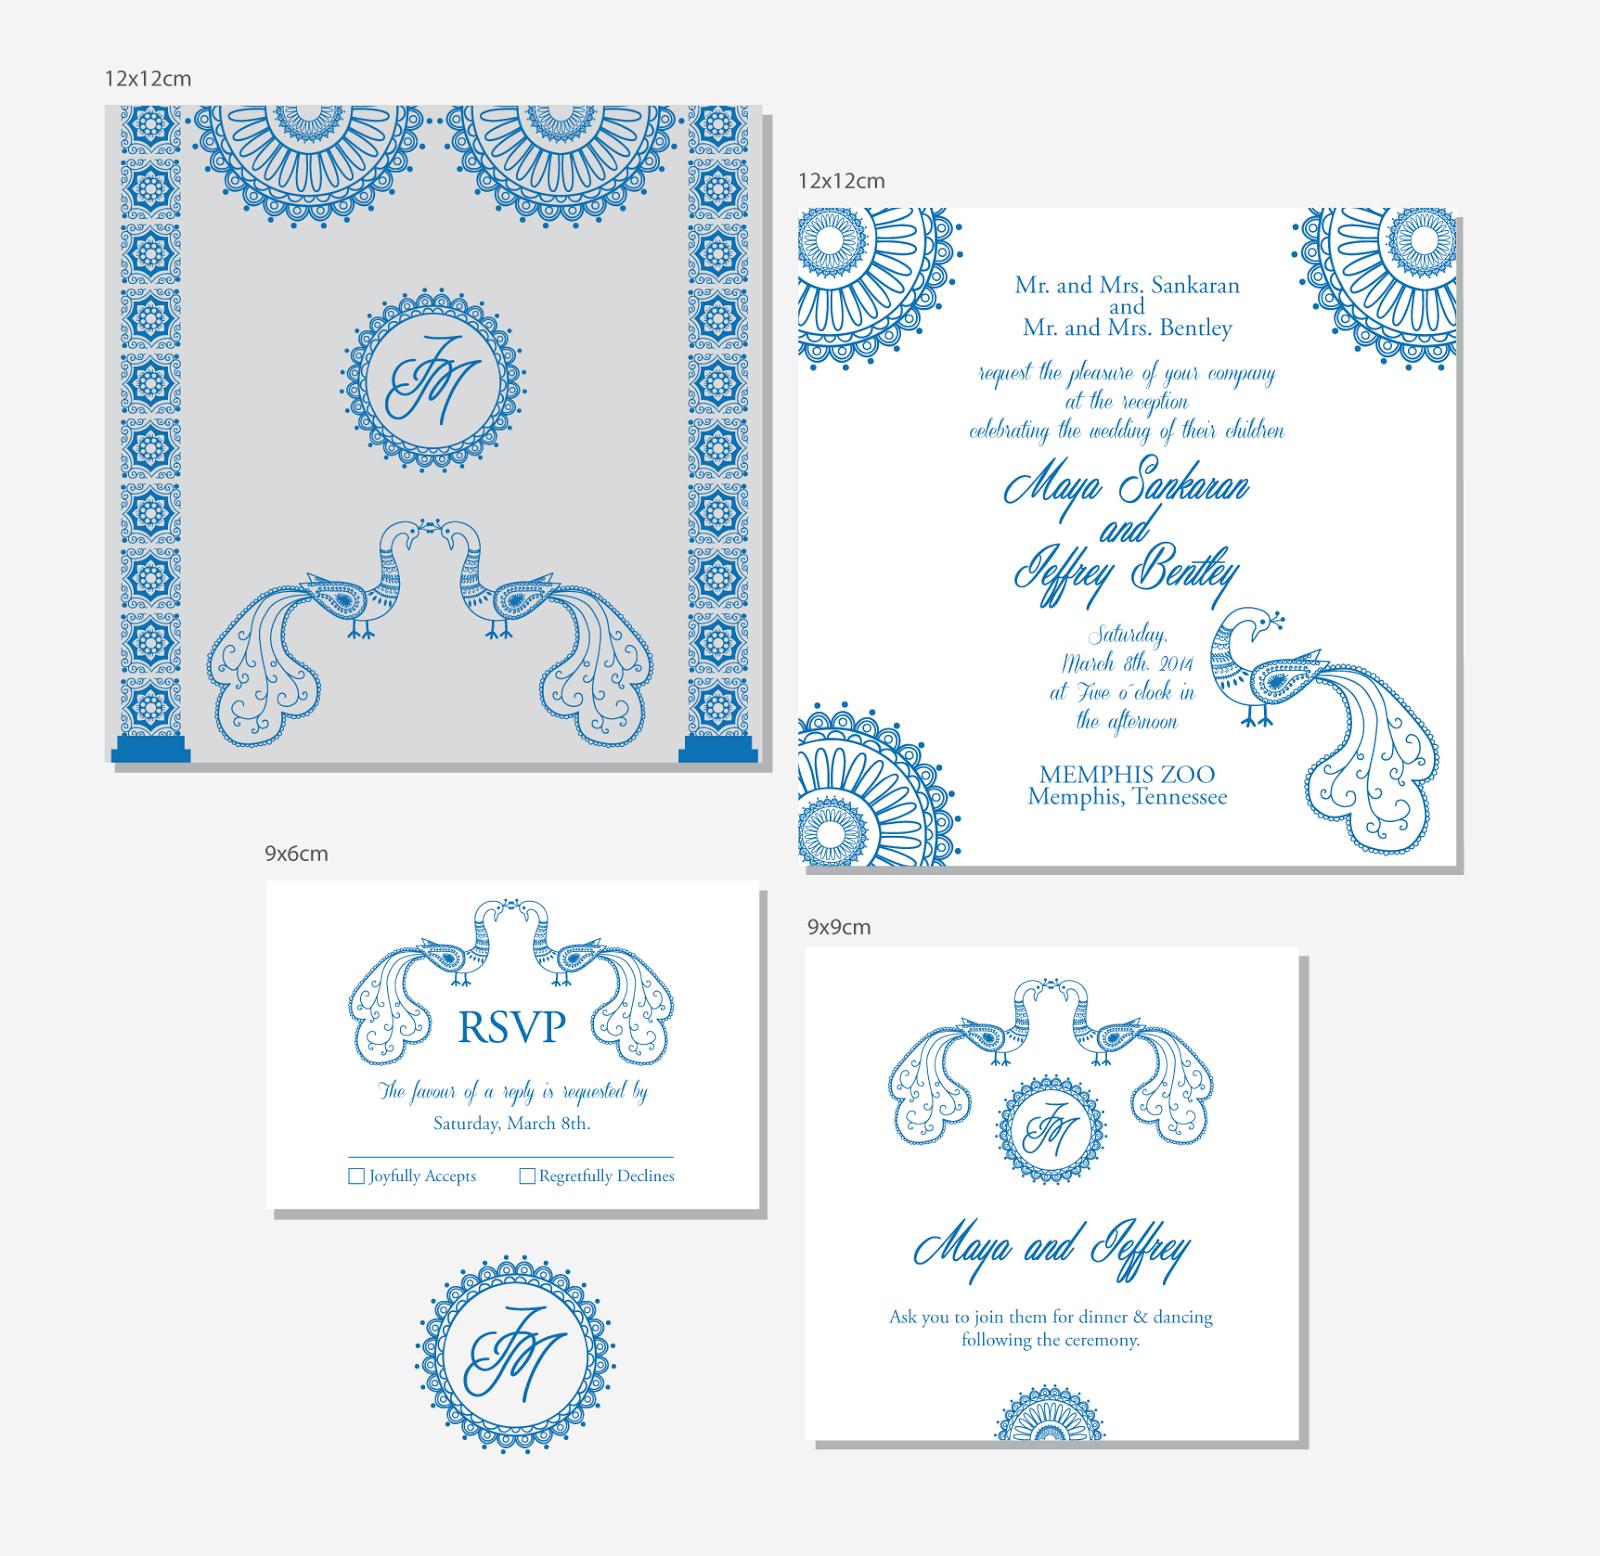 99designs Diseño creativo de Invitaciones de Boda blog mi boda gratis